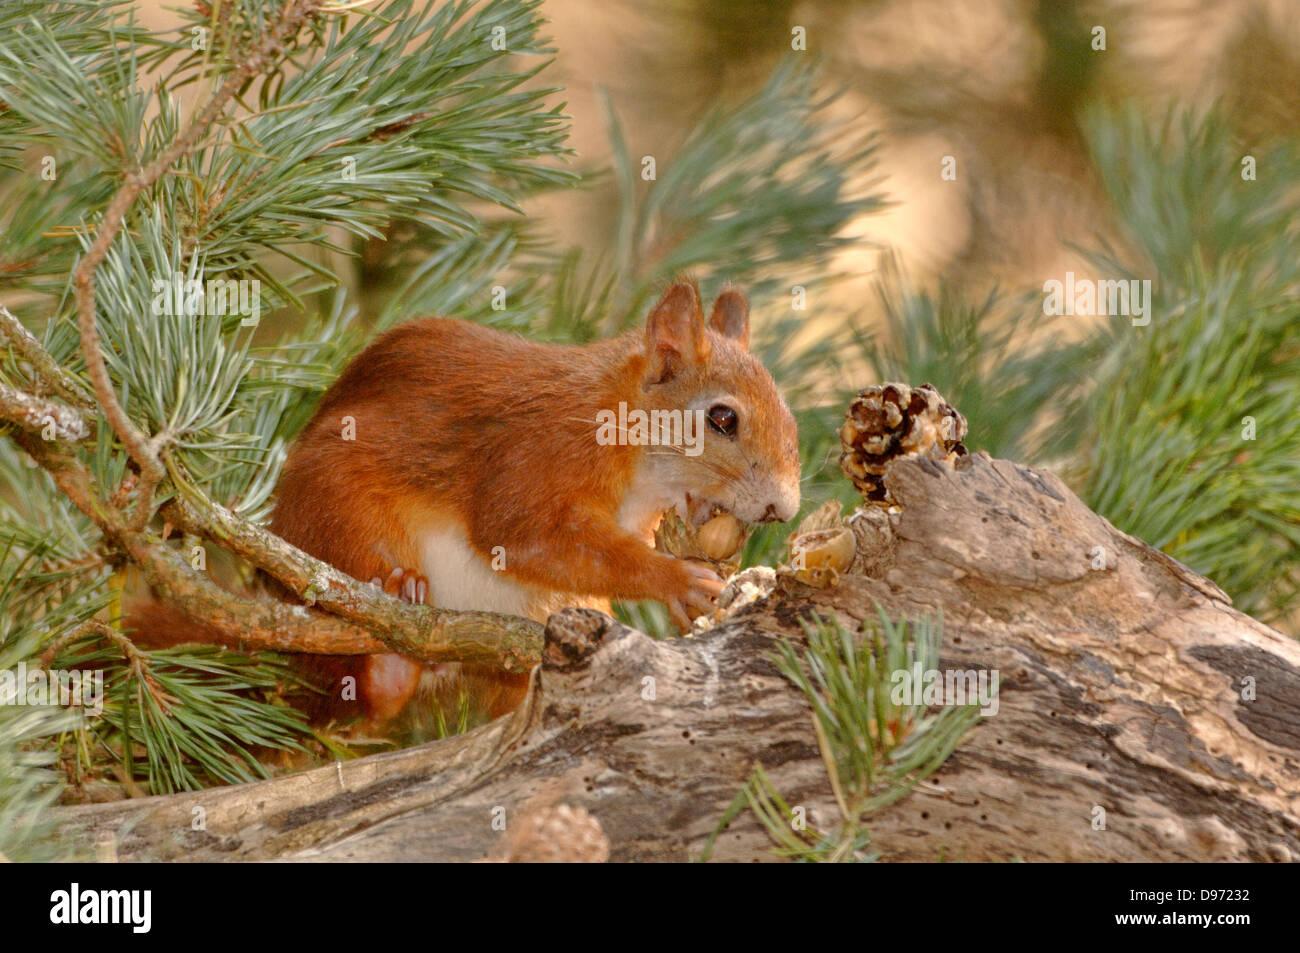 more photos 042e4 23e29 D97232 Stock Photos & D97232 Stock Images - Alamy